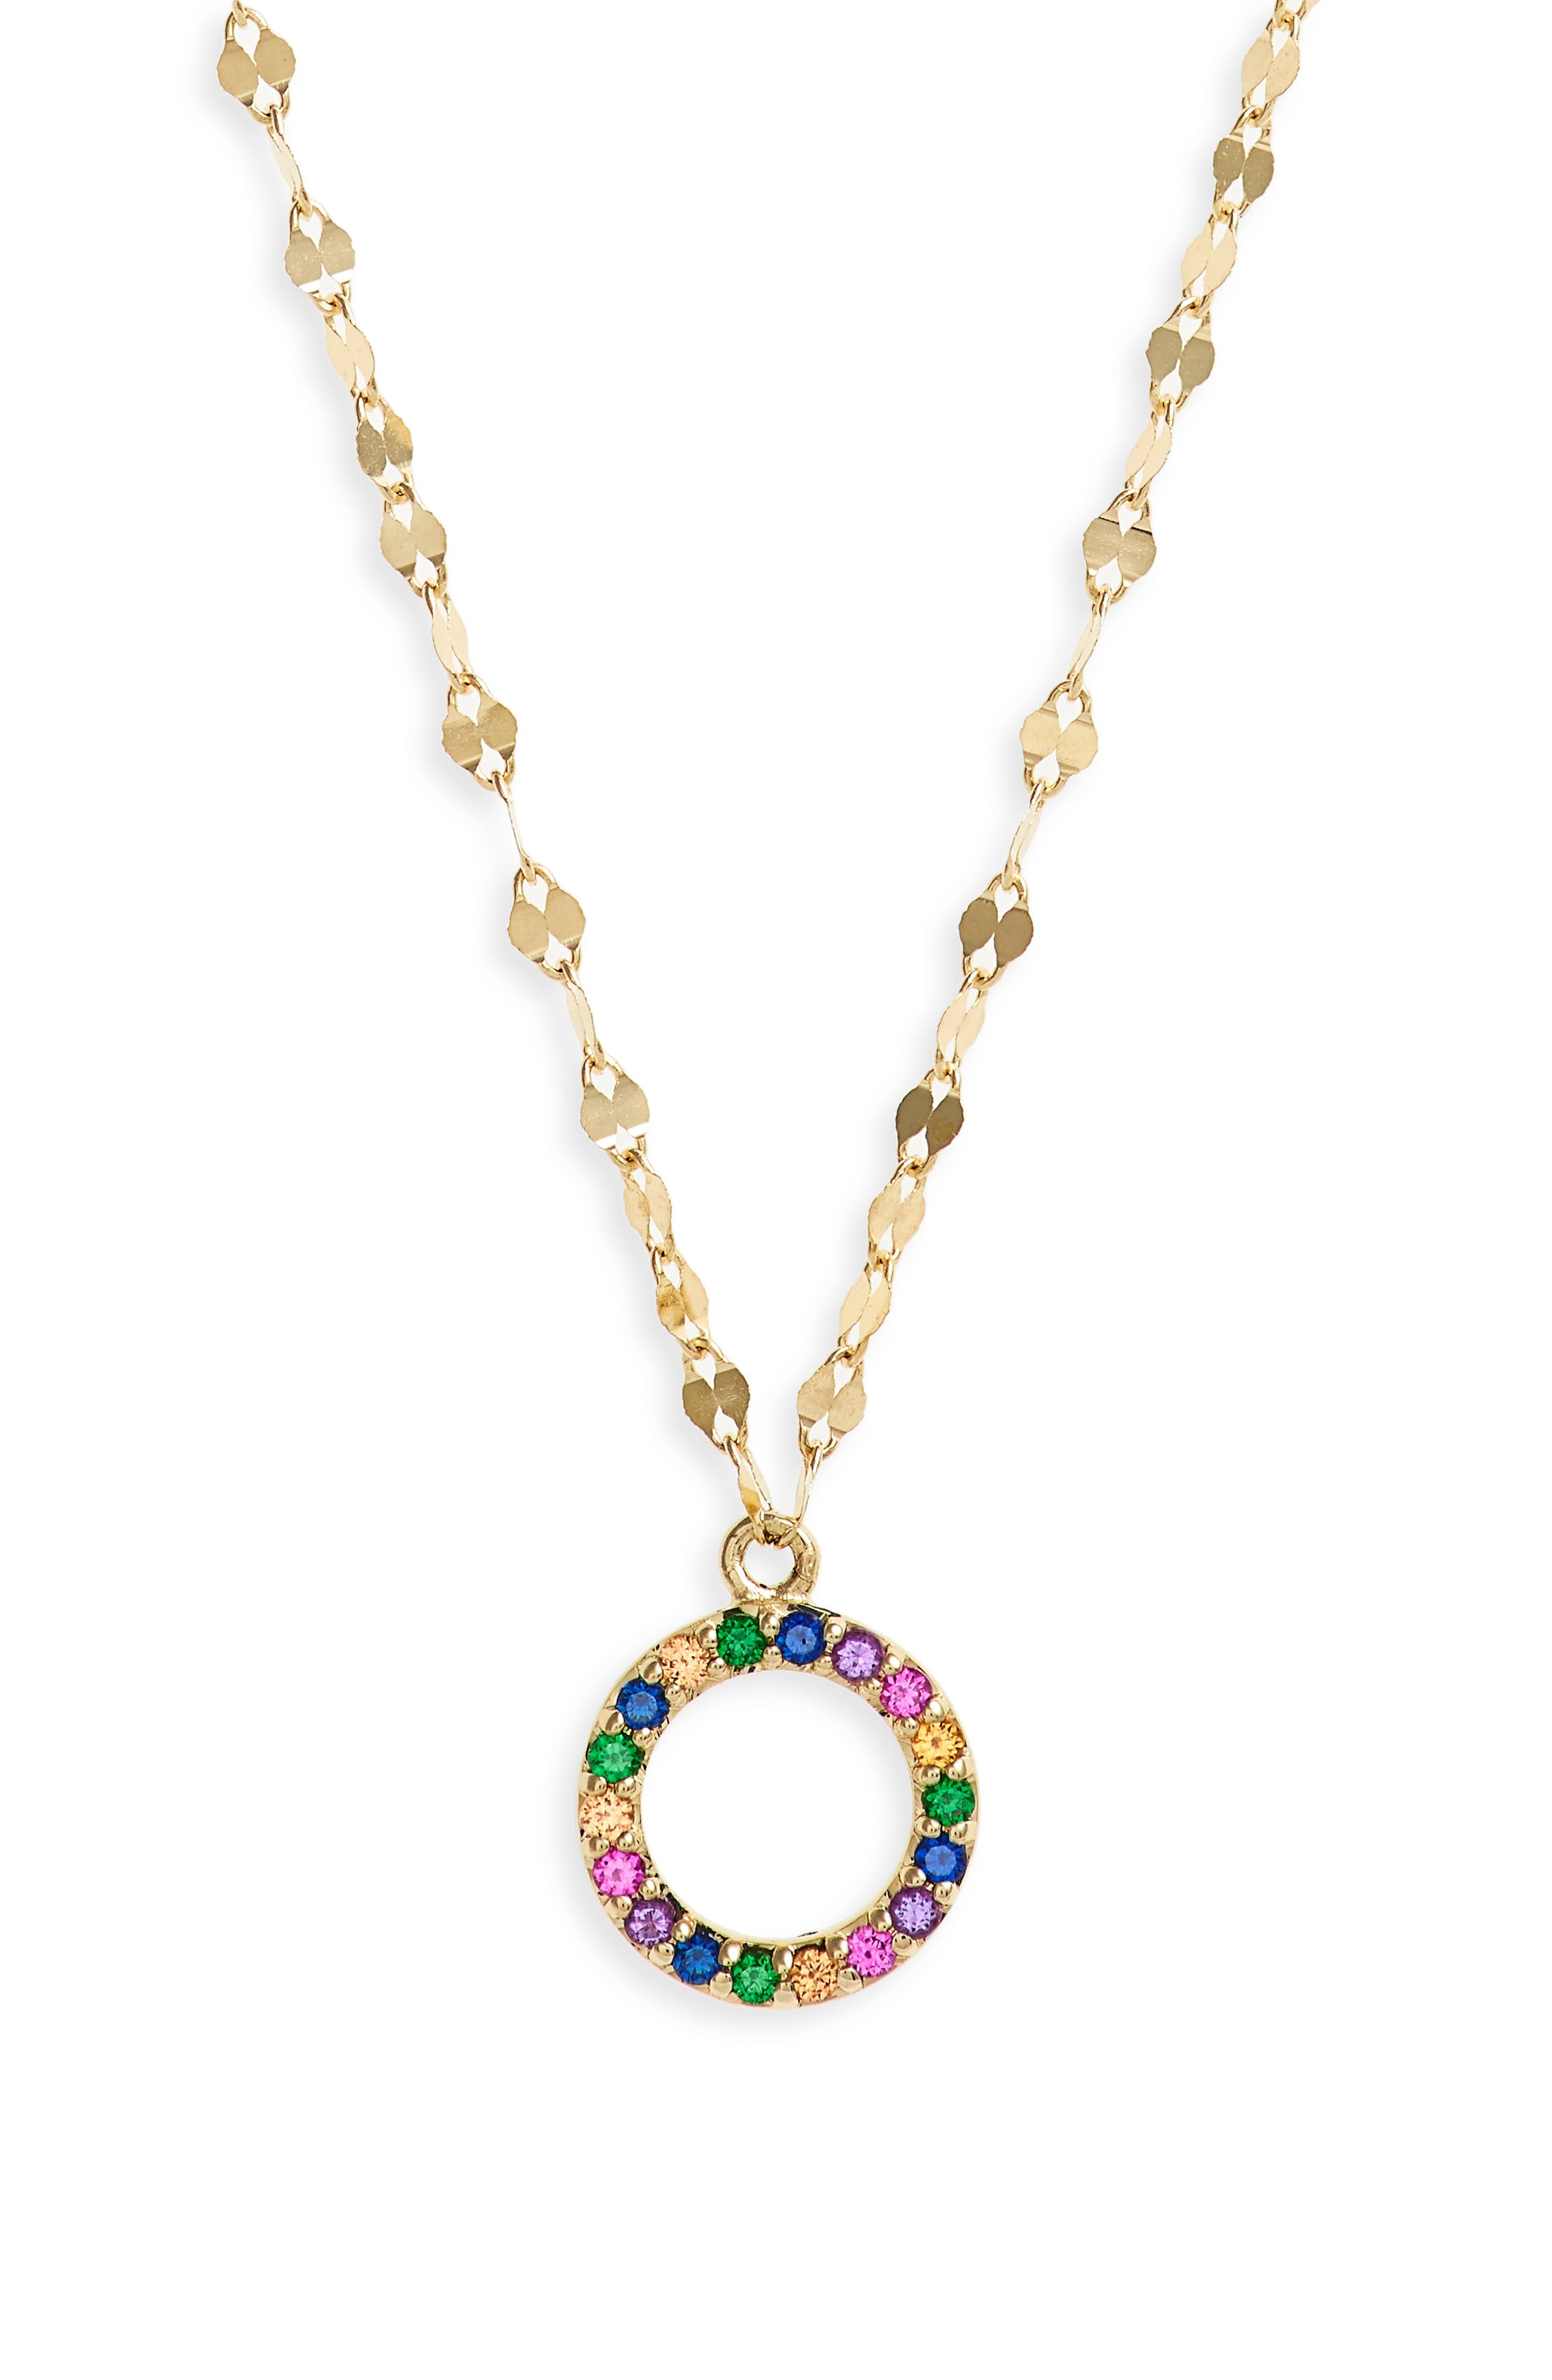 Main Image - Lana Girl by Lana Jewelry Mini Circle Sapphire Pendant Necklace (Girls)